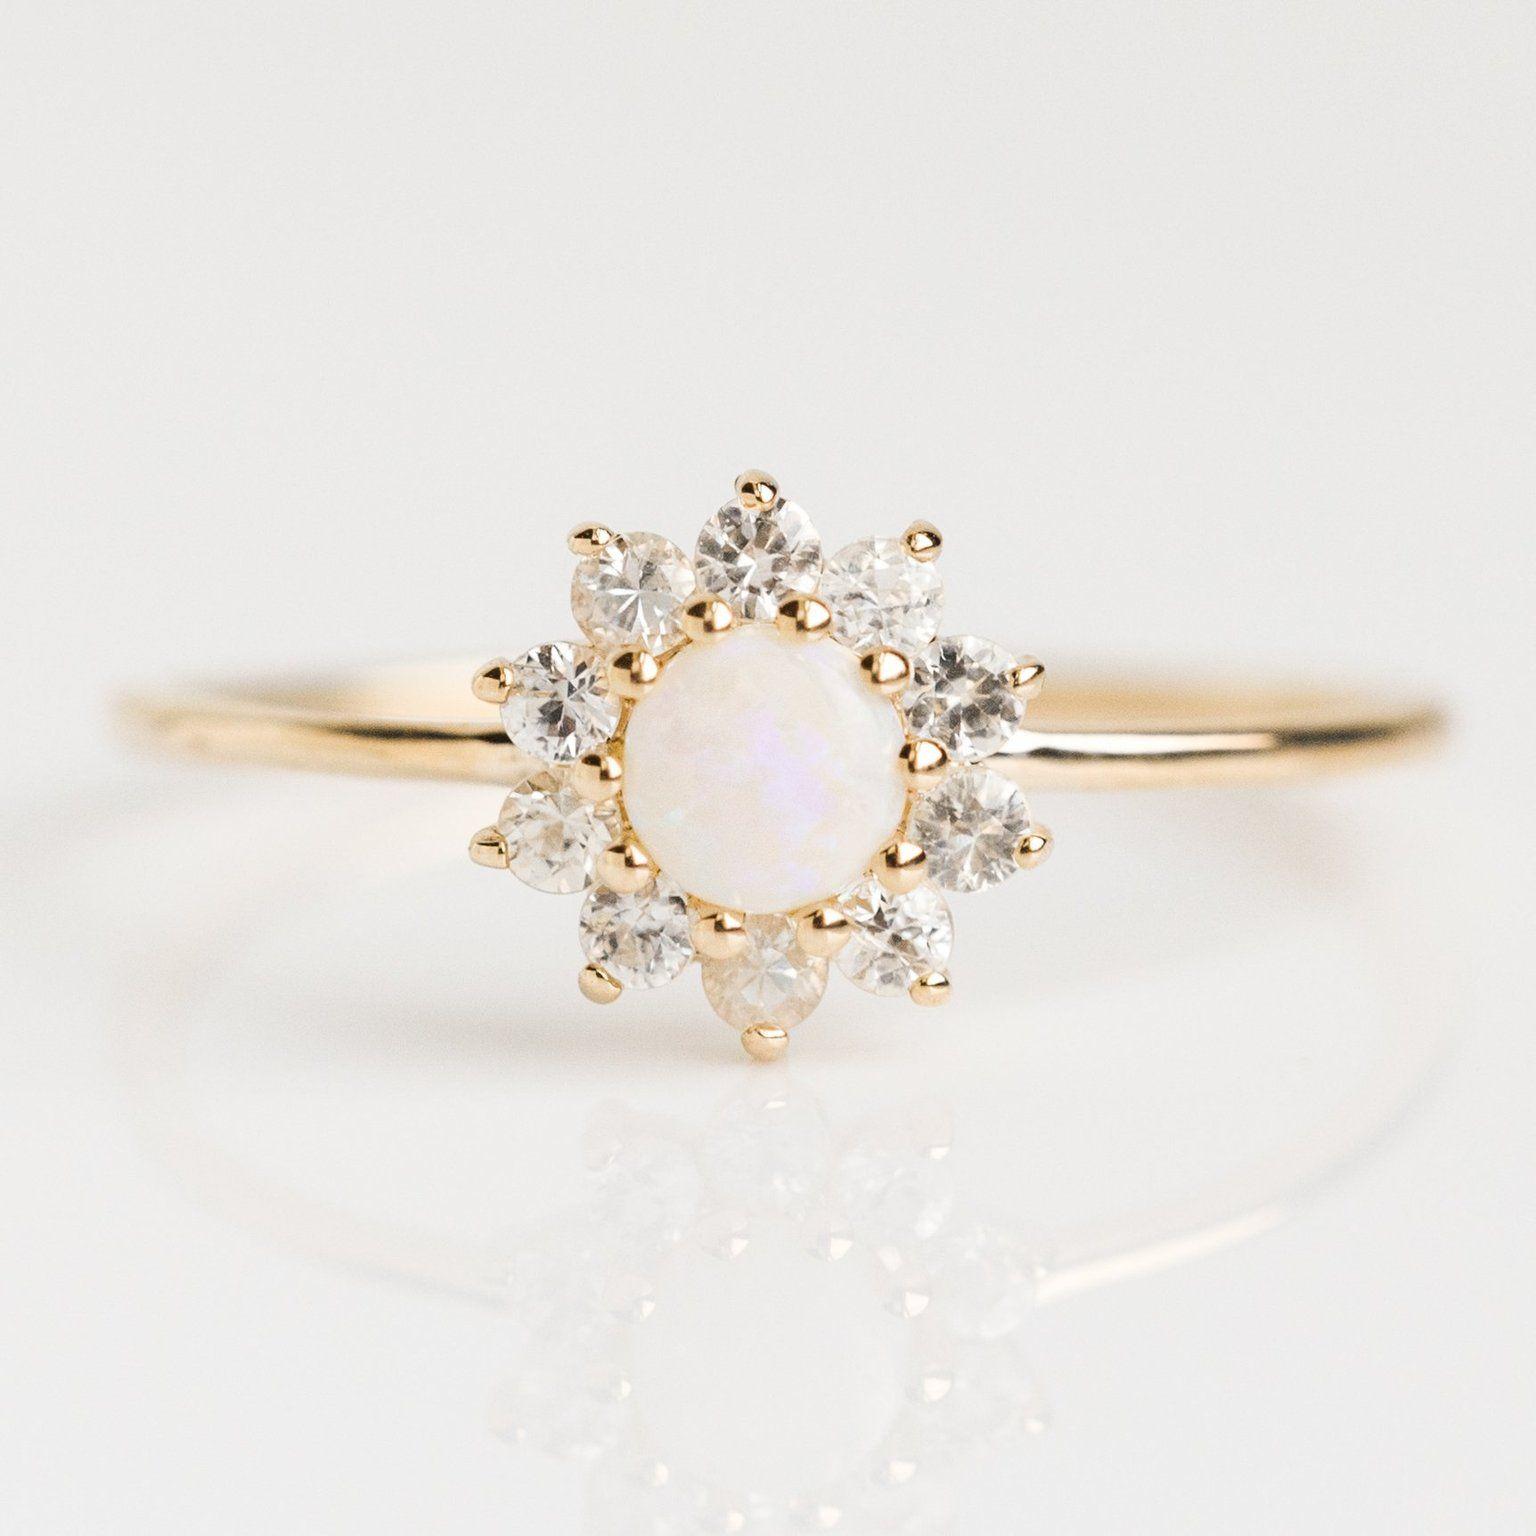 14K Gold Diamond Sunflower Ring in 2020